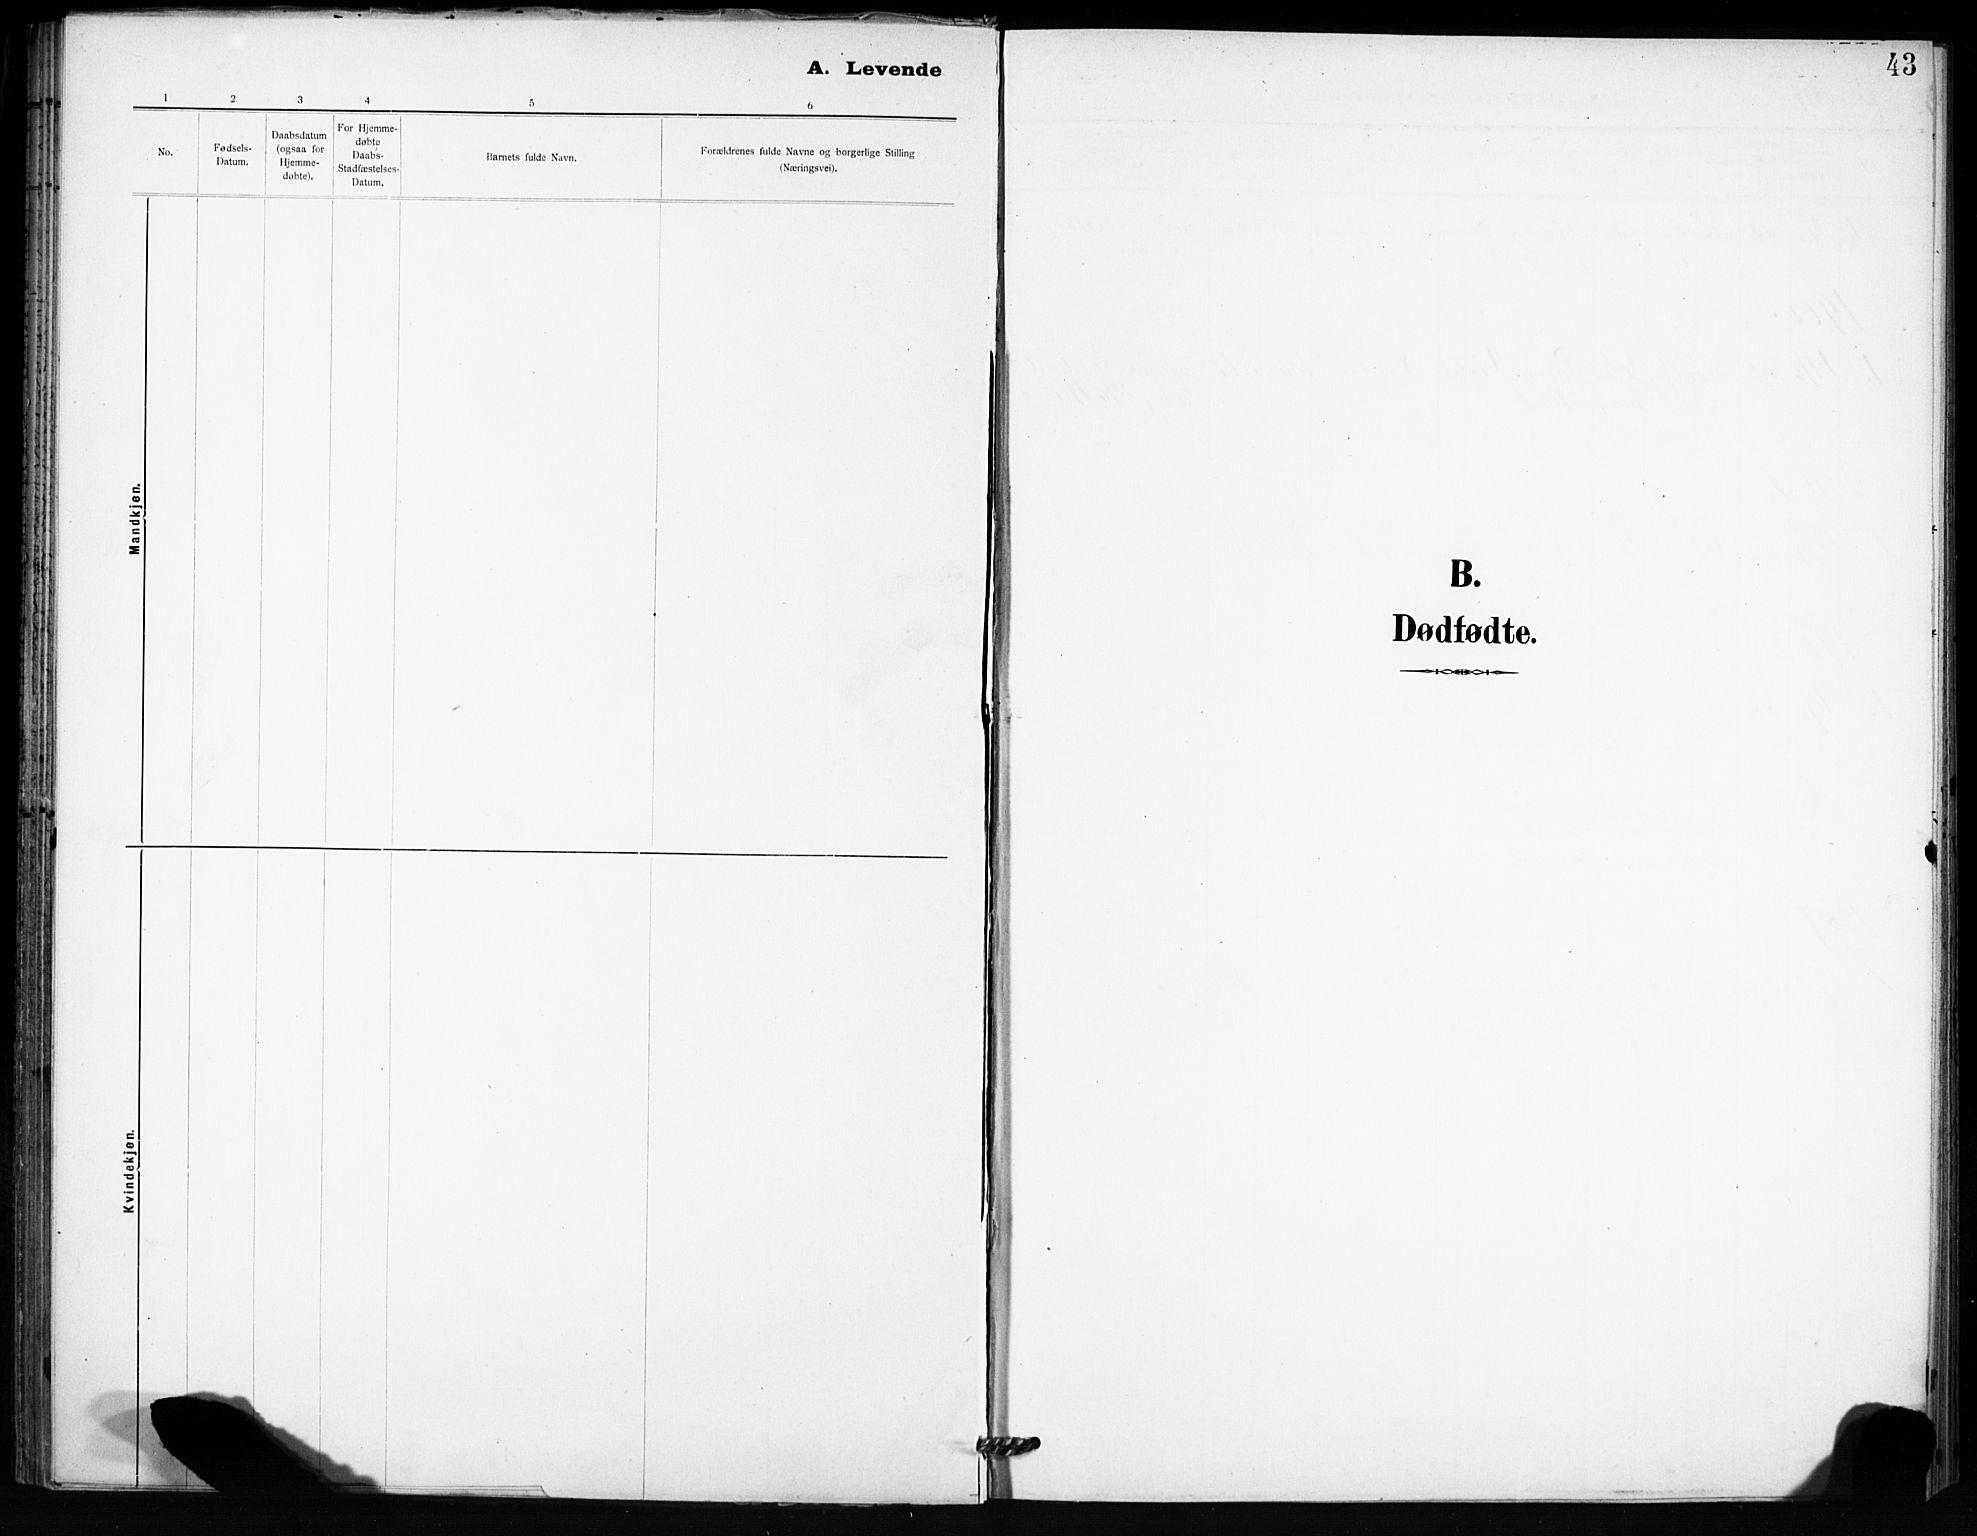 SAT, Ministerialprotokoller, klokkerbøker og fødselsregistre - Sør-Trøndelag, 666/L0787: Ministerialbok nr. 666A05, 1895-1908, s. 43